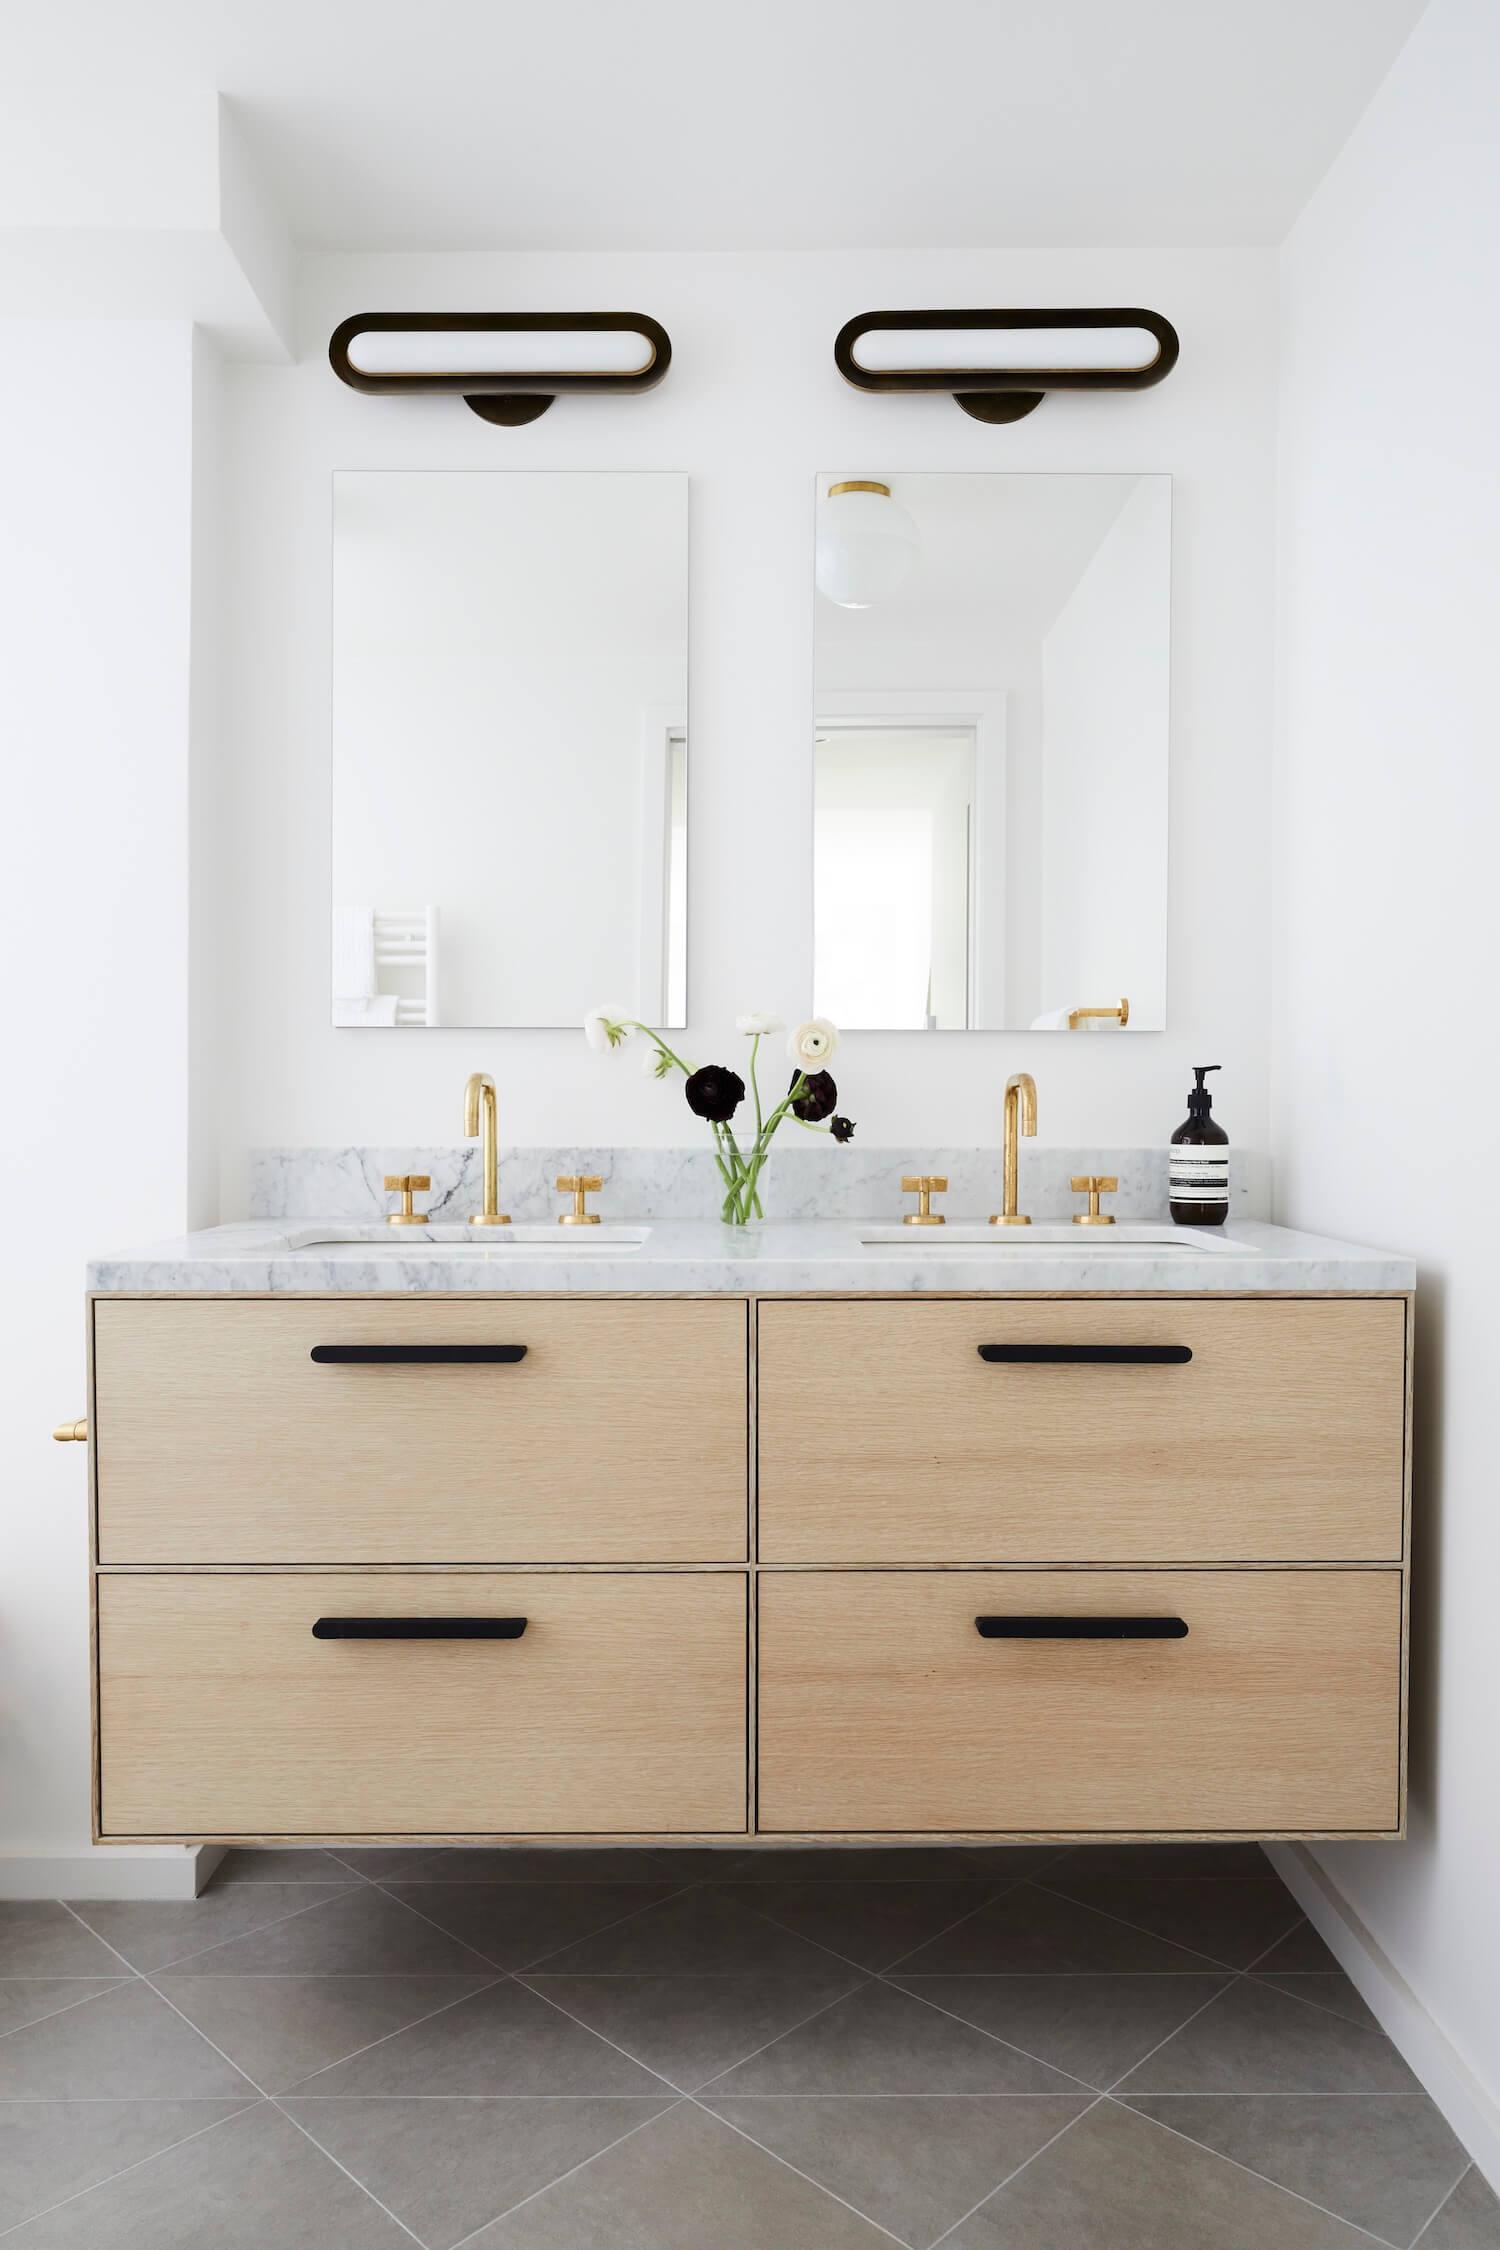 est living interior design sheep and stone 6